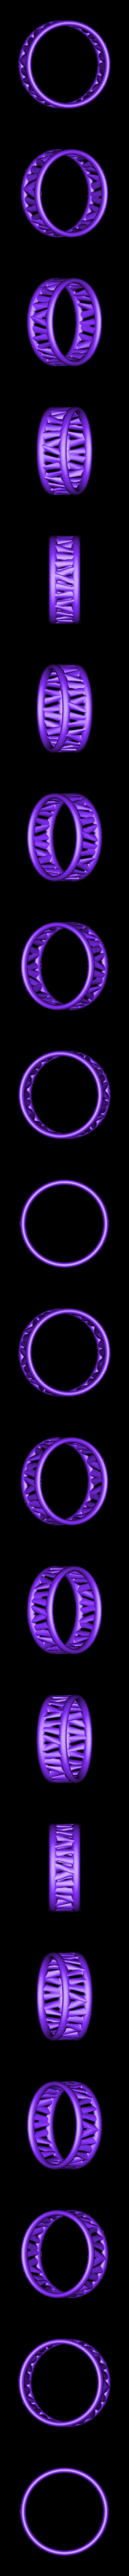 PI-Bracelet-ring_3.2MD.stl Télécharger fichier STL gratuit Bracelet Palmiga - Collection Bague • Plan imprimable en 3D, Palmiga